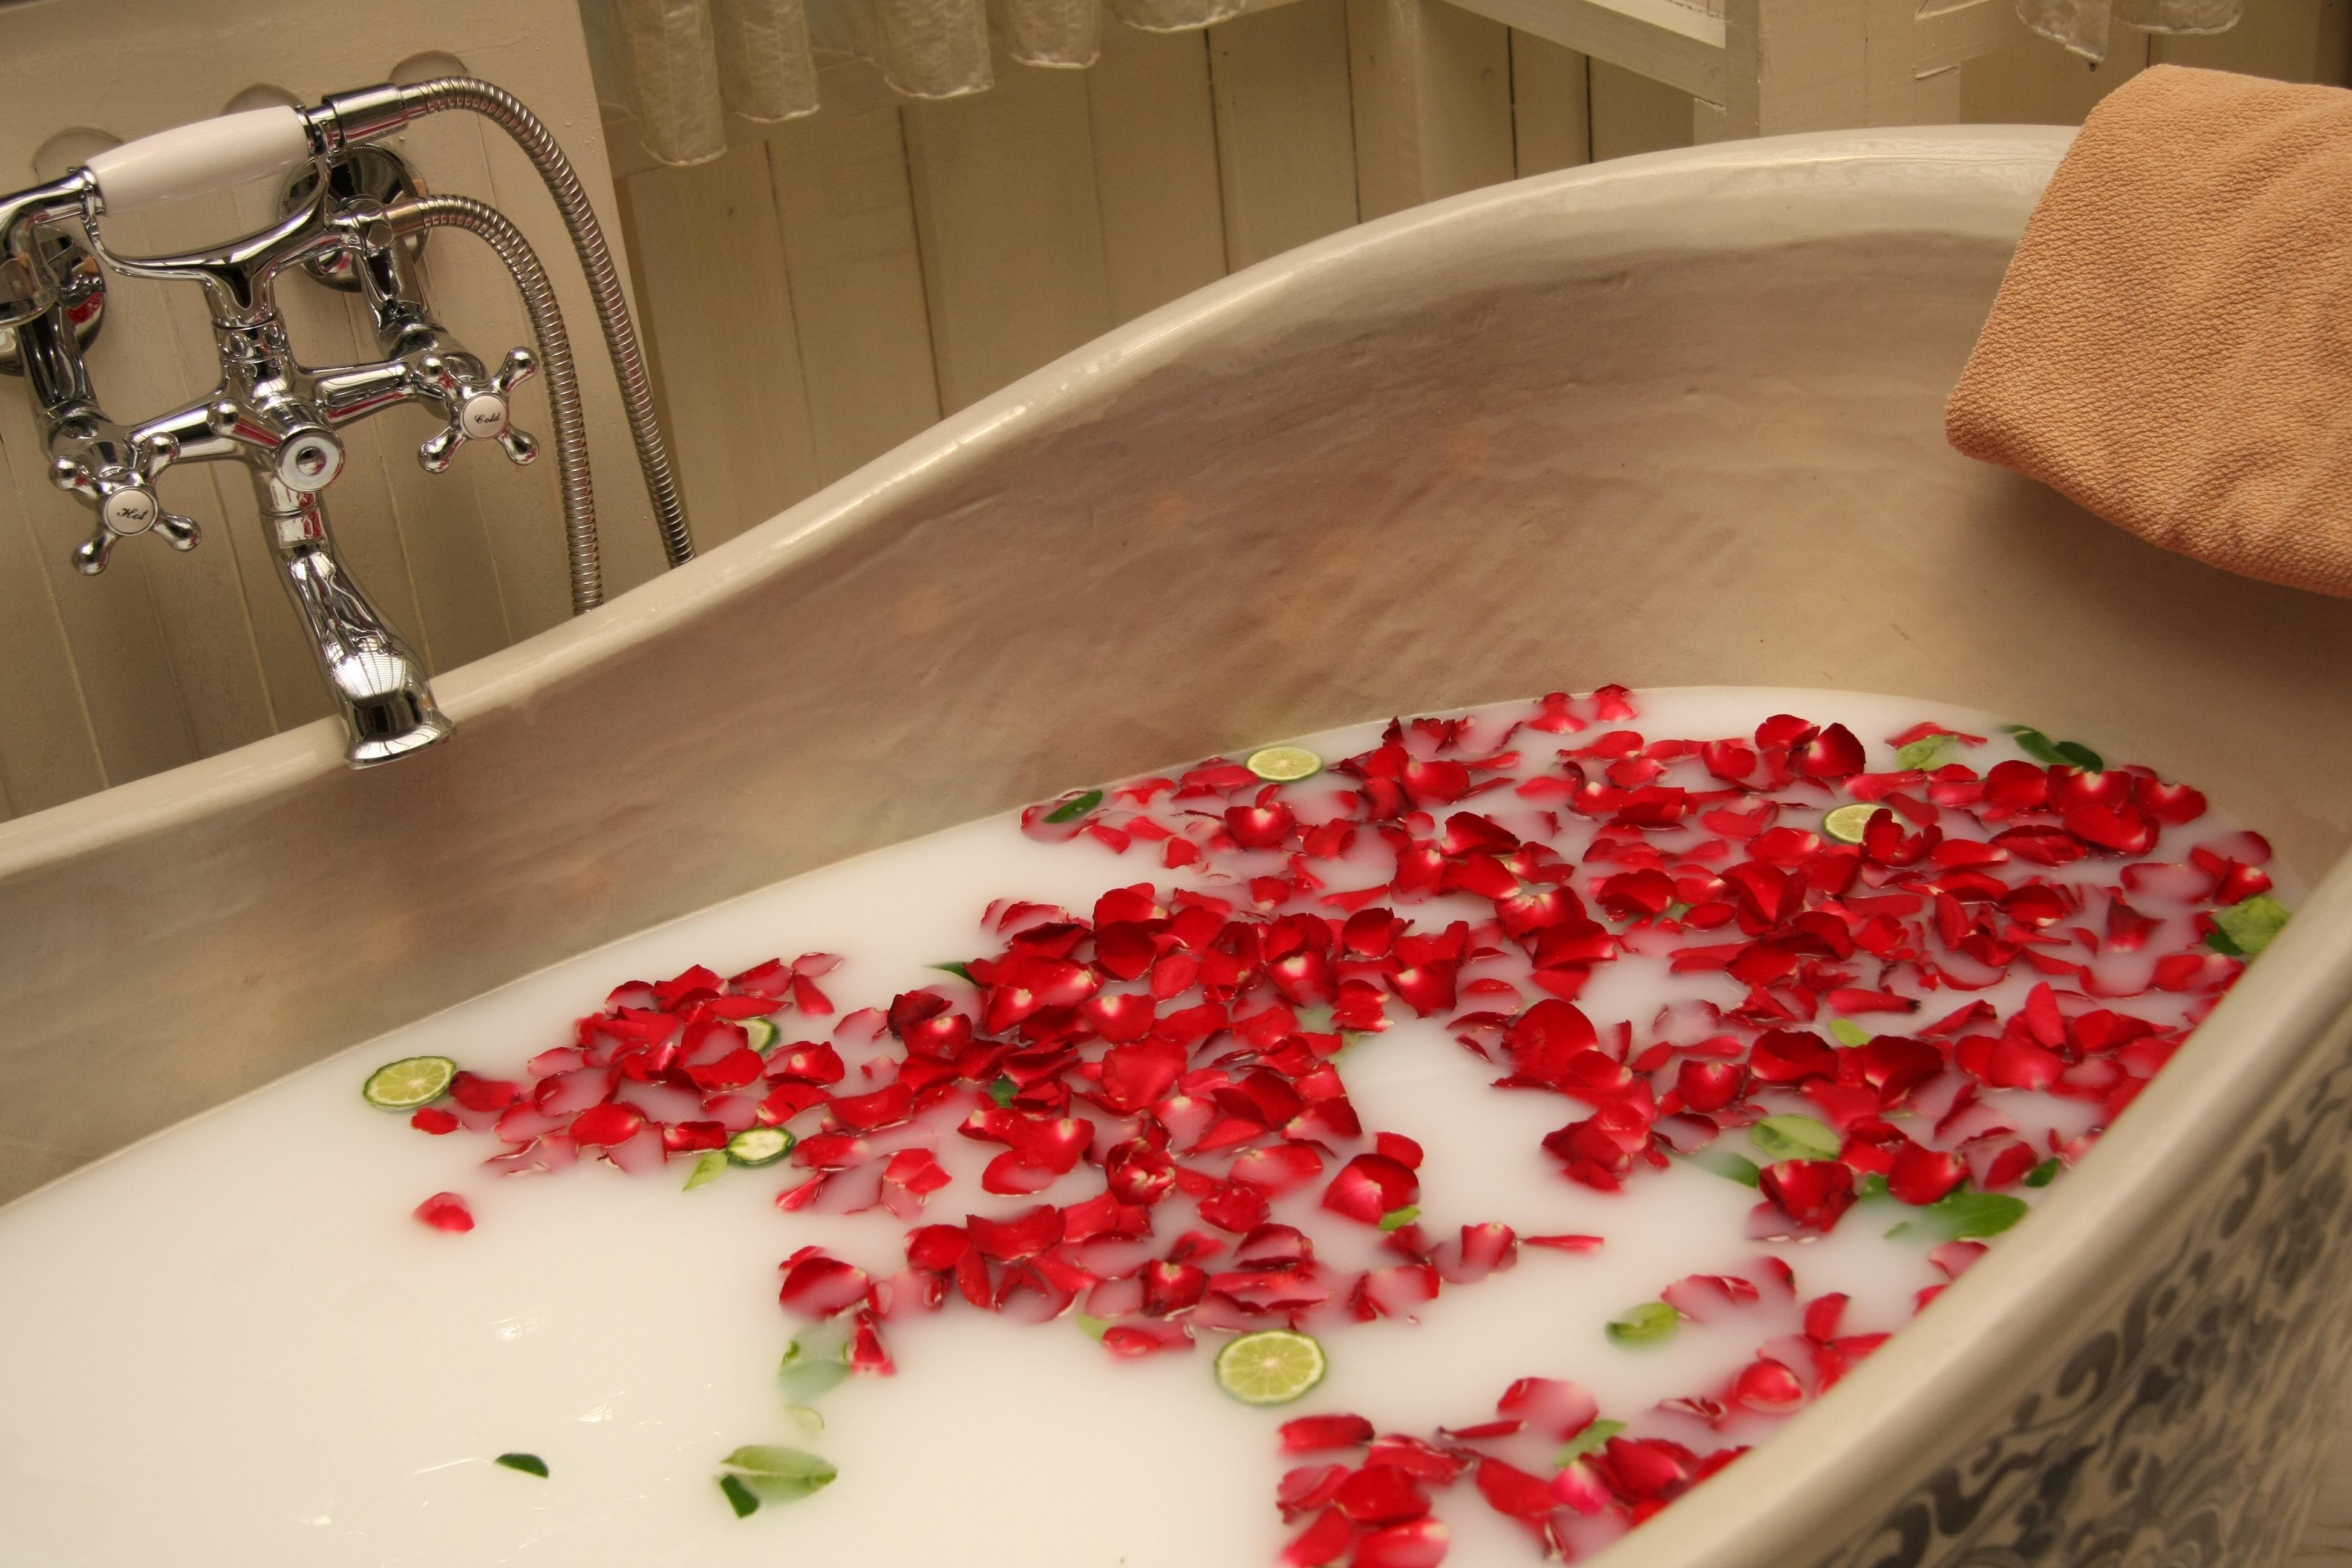 Секс в ванной с розами 13 фотография